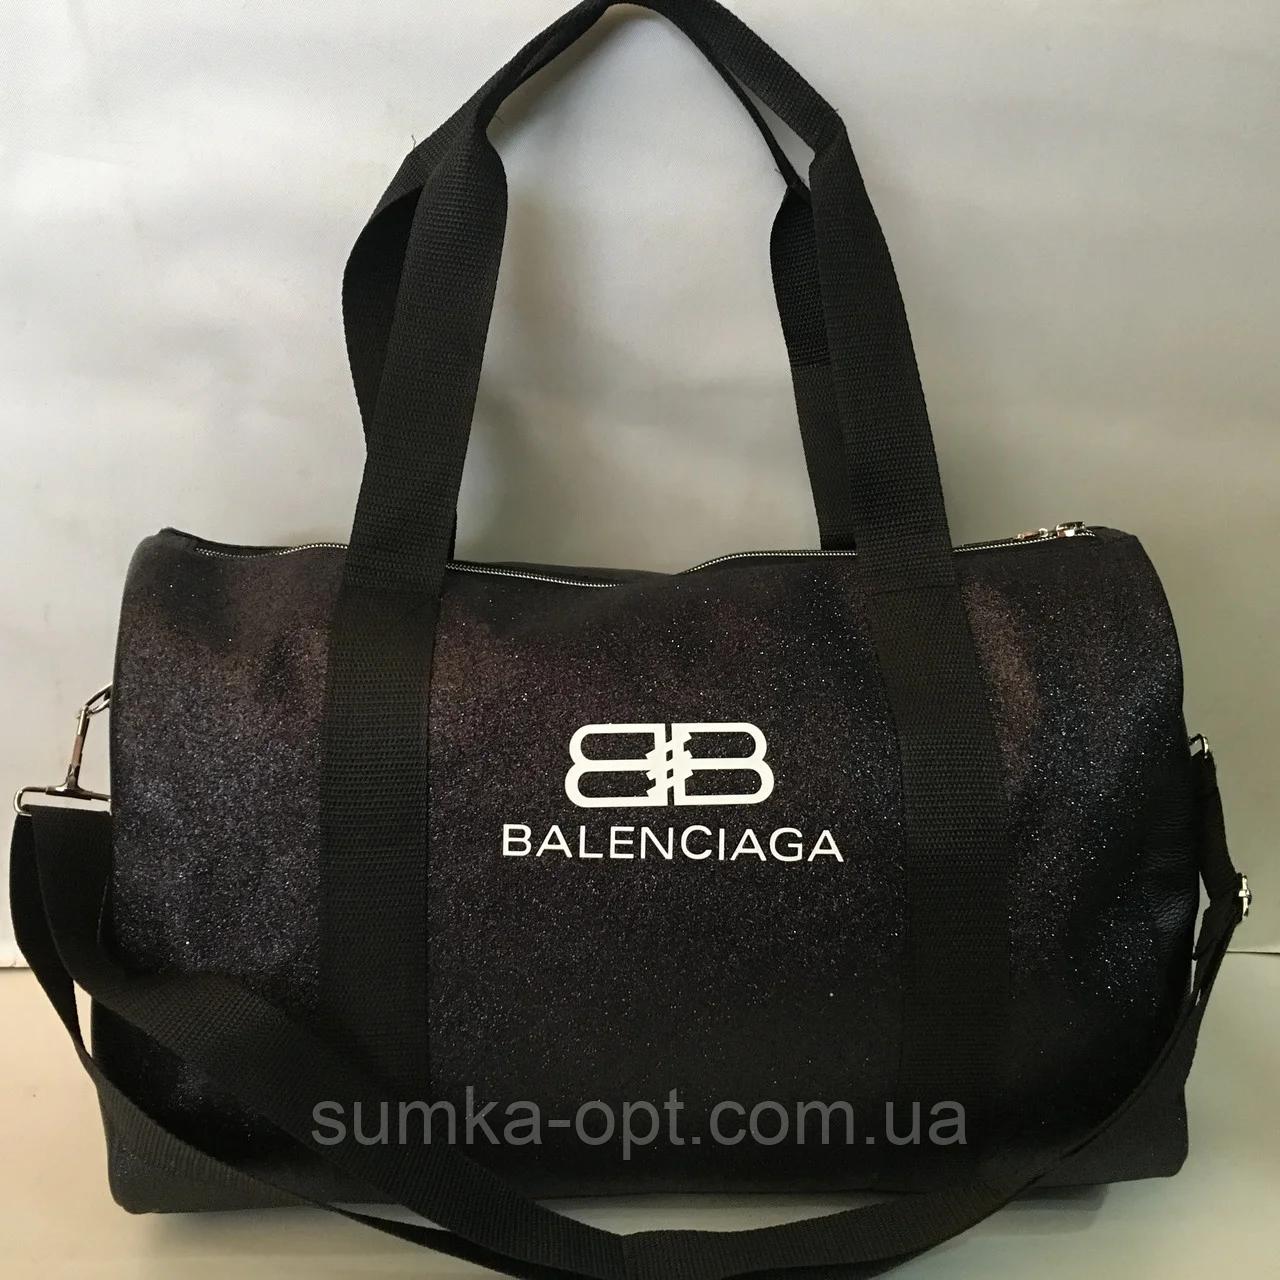 Спортивные большие сумки из эко кожи BALENCIAGA (ТЕМНЫЙ БЛЕСТКИ)26х42см